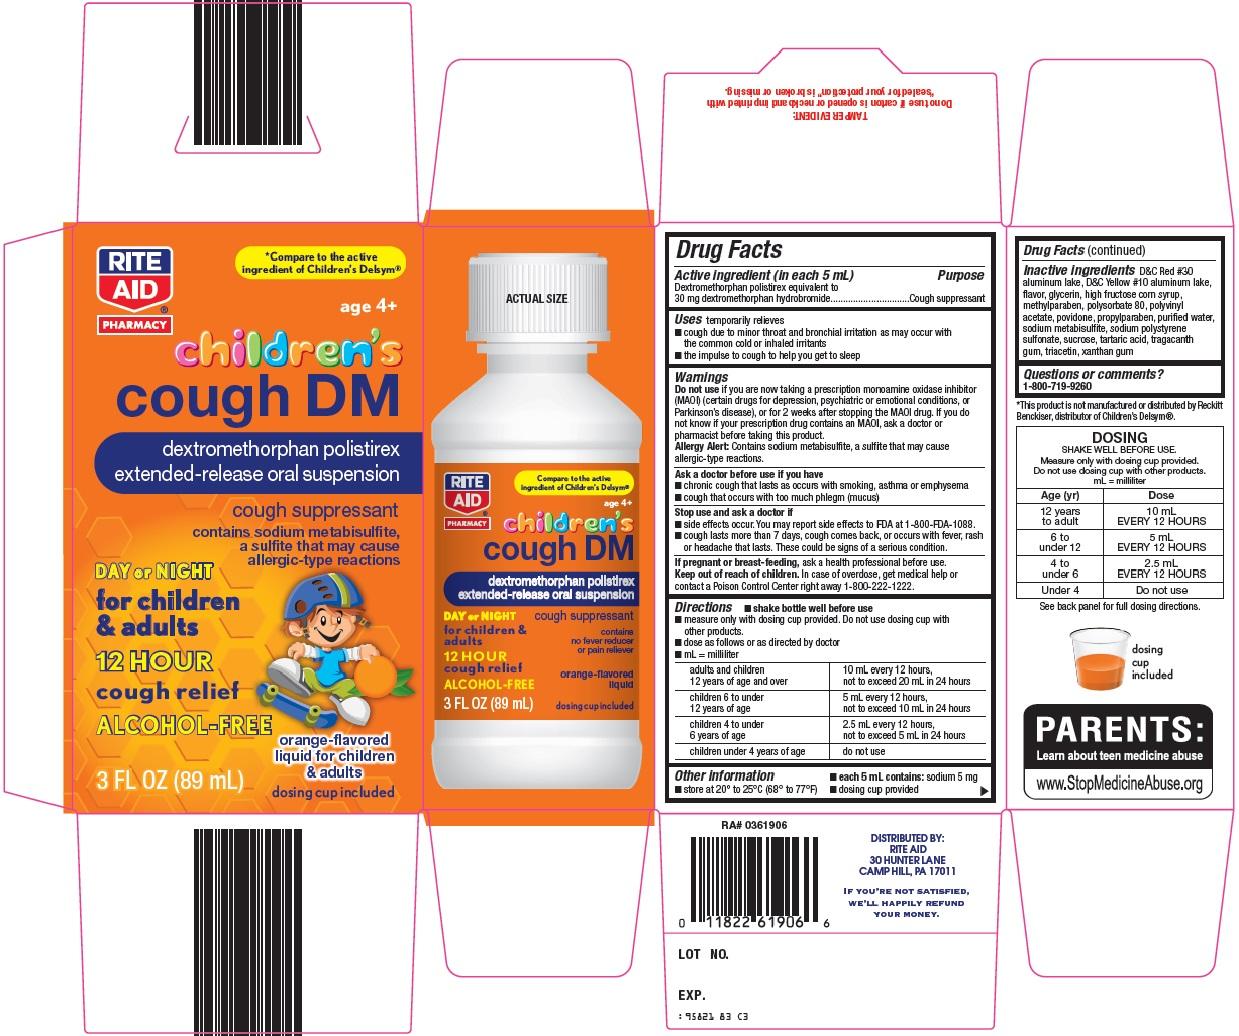 Rite Aid Cough DM image